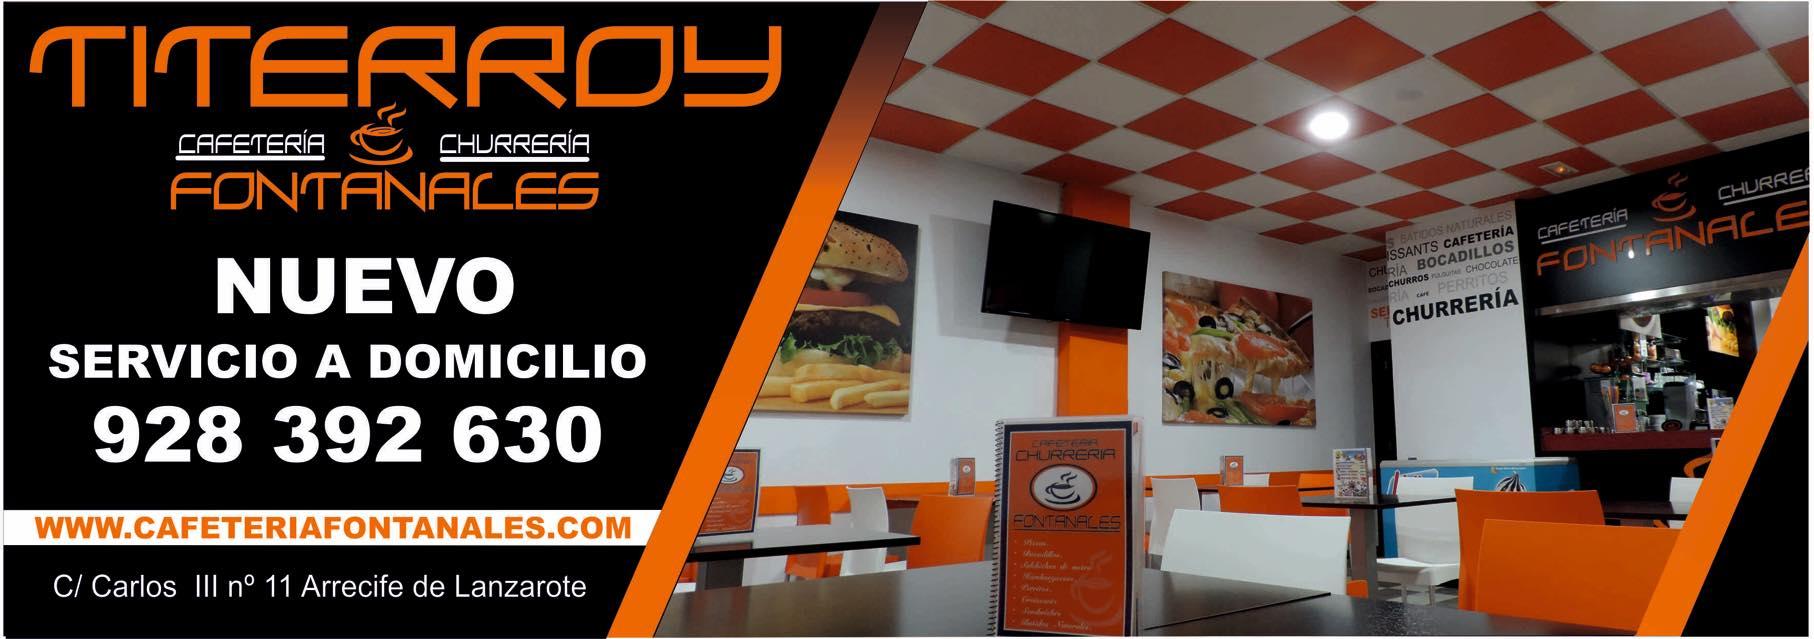 Cafetería Fontanales Arrecife Titerroy (6)